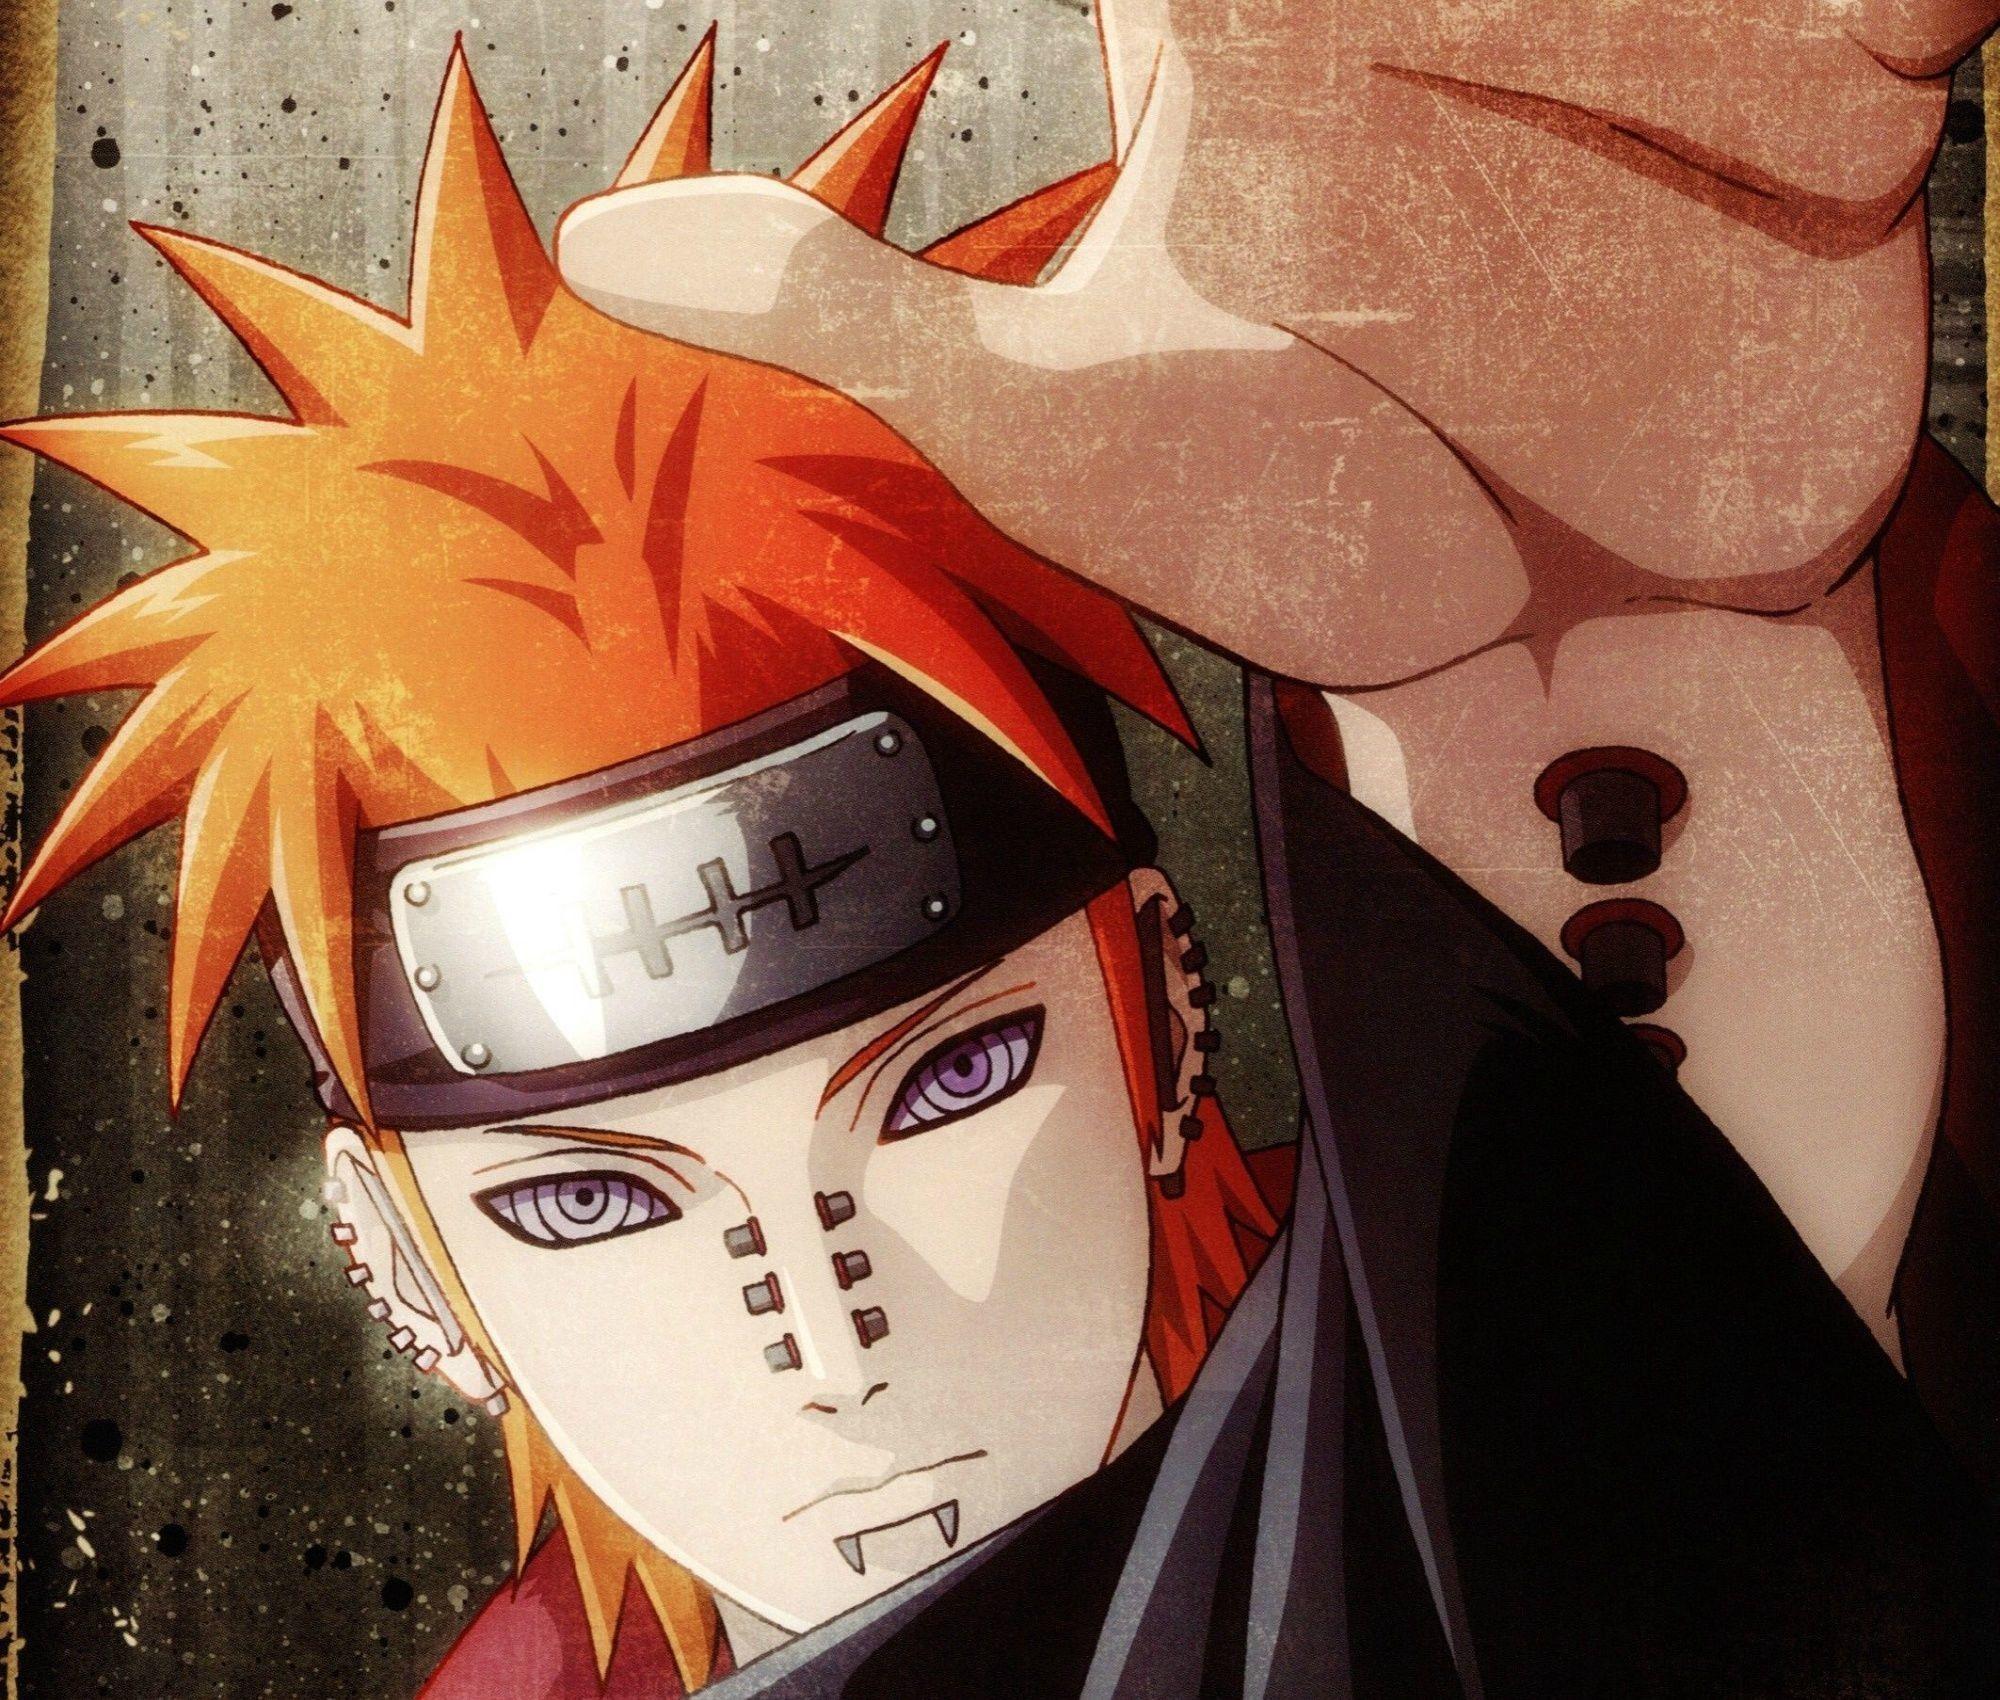 Naruto Nagato Wallpapers - Top Free Naruto Nagato Backgrounds -  WallpaperAccess